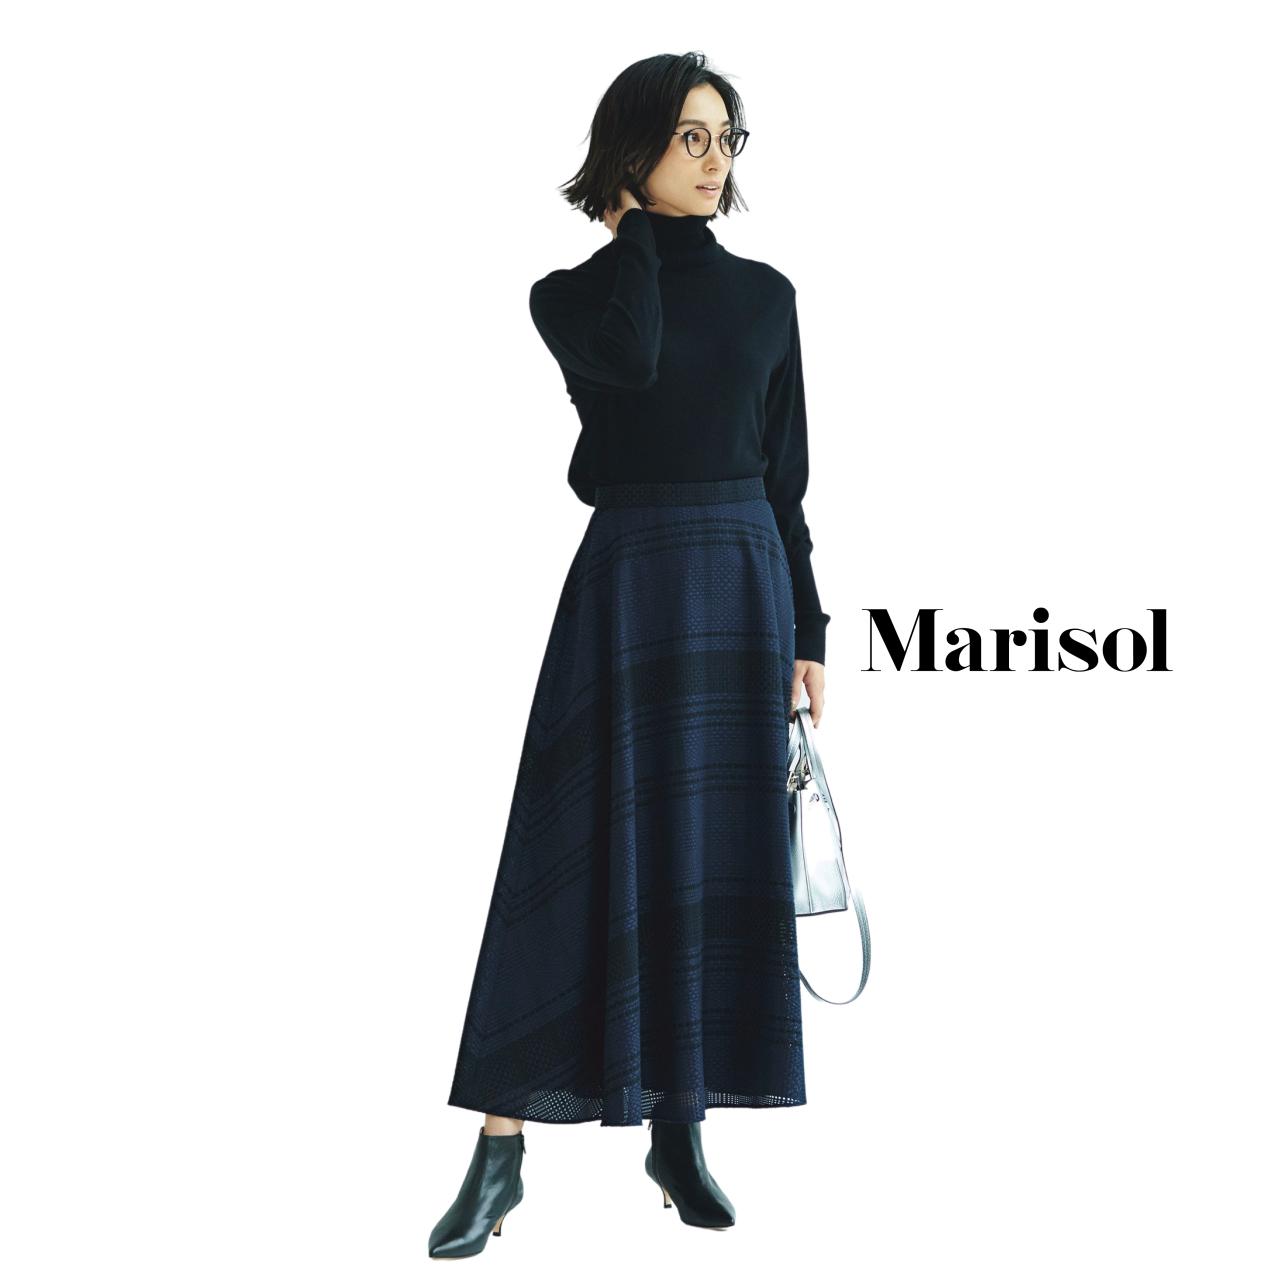 40代ファッション タートルネックニット×ジャガードスカートコーデ